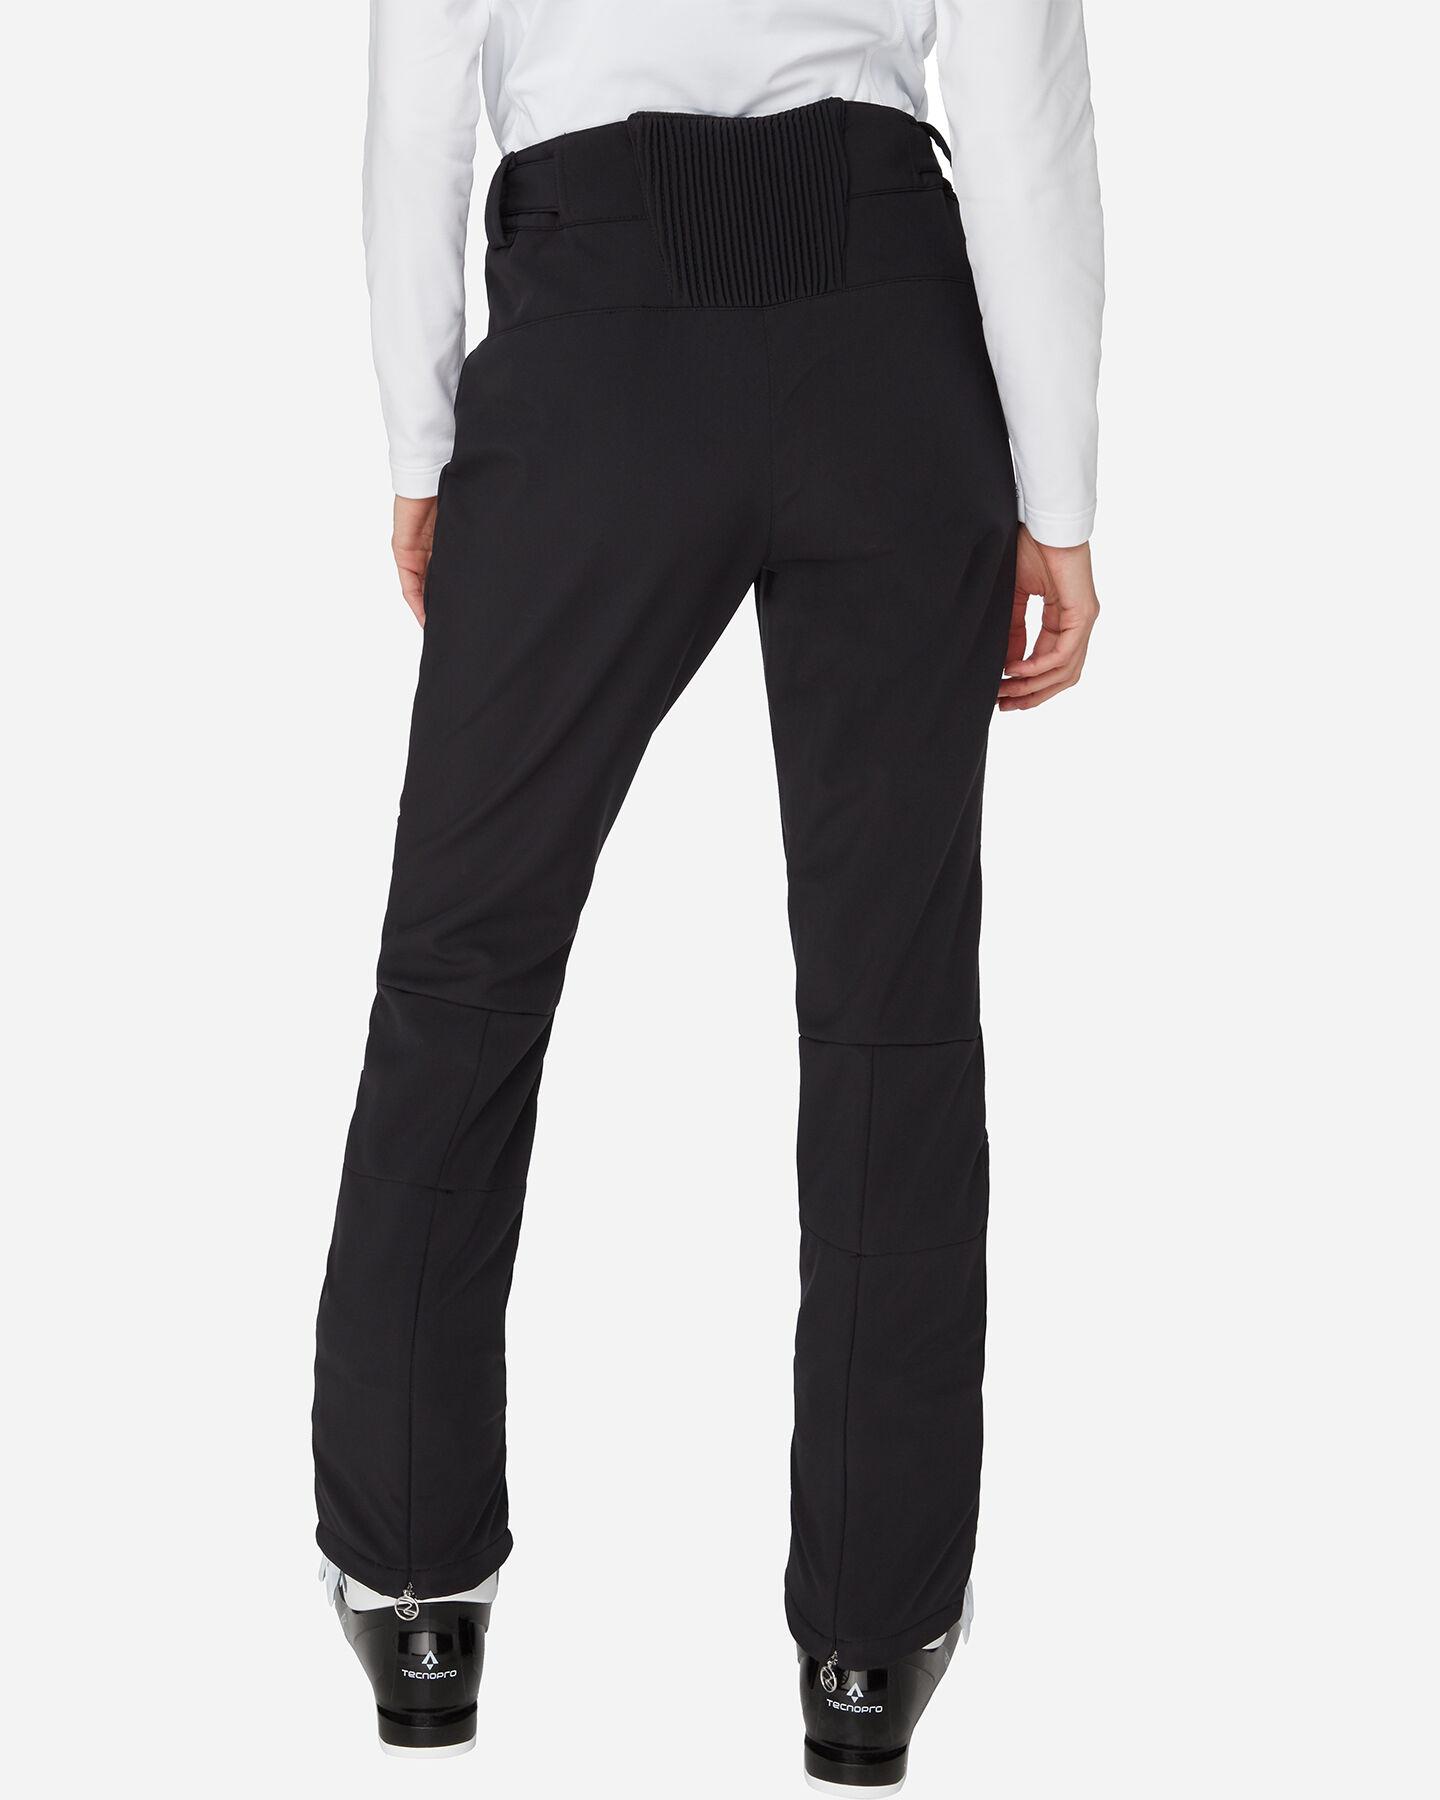 Pantalone sci MCKINLEY DALIA W S5059457 scatto 2